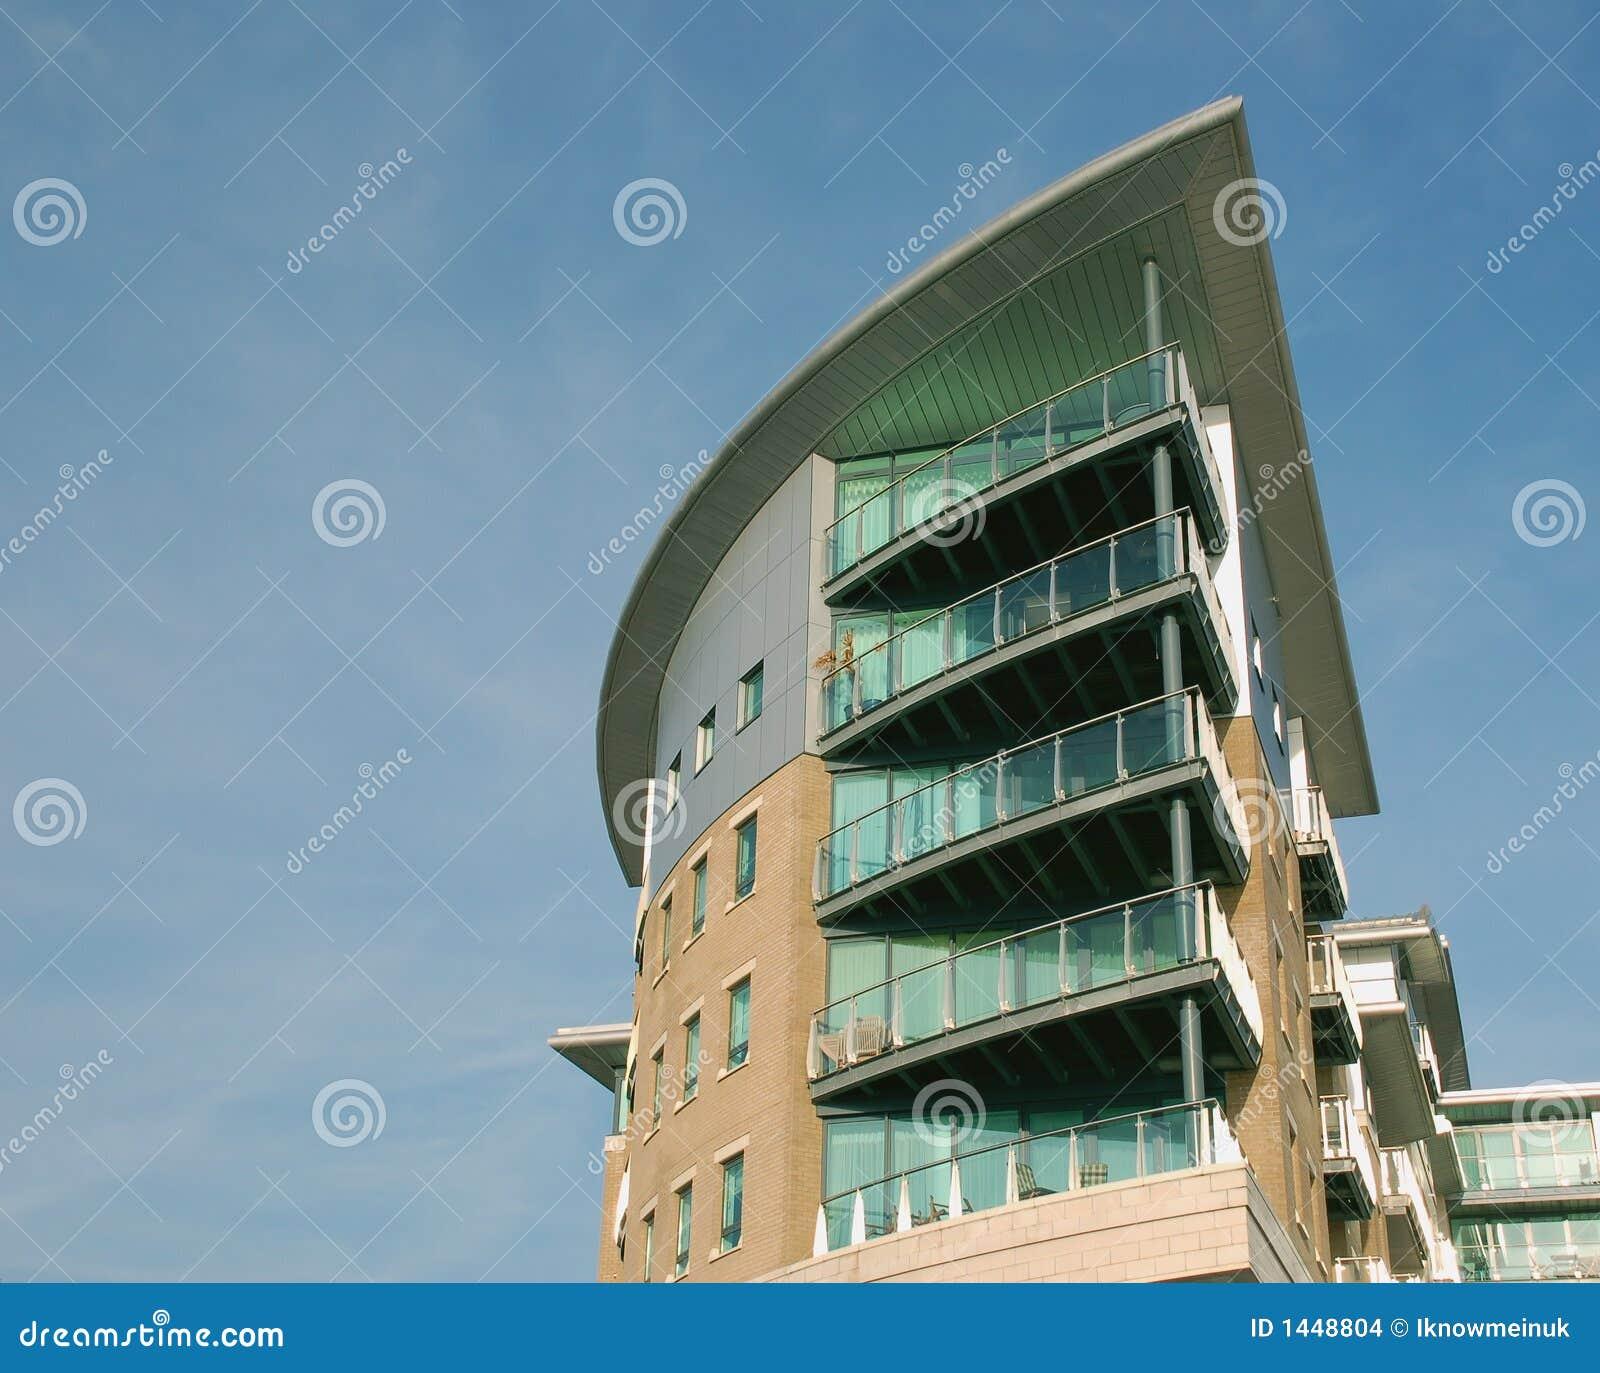 Apartamentos modernos 3 imagenes de archivo imagen 1448804 for Aptos modernos